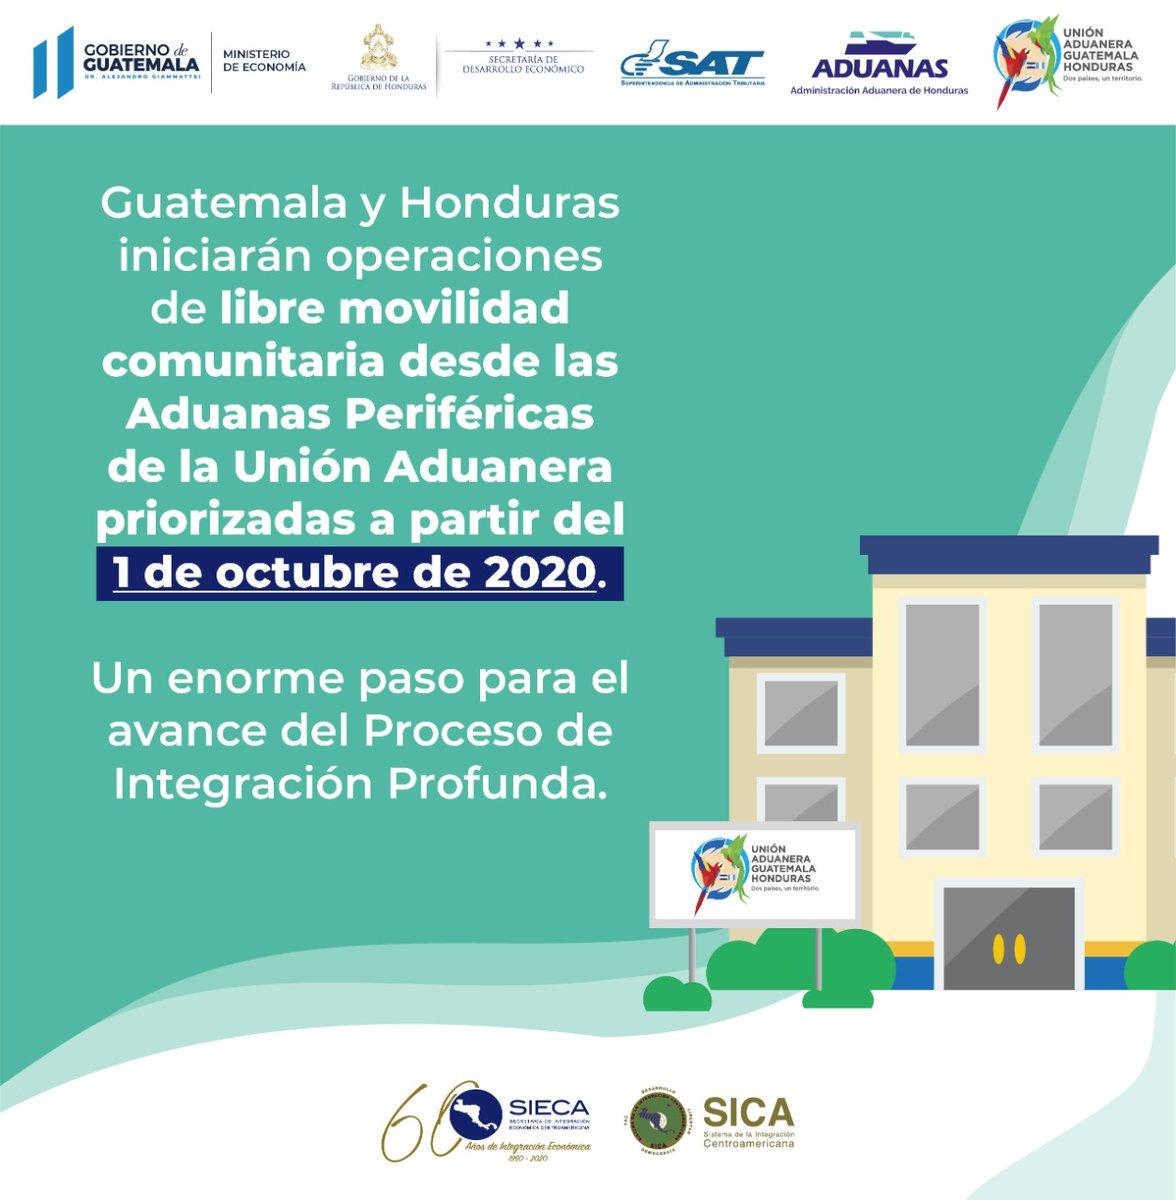 test Twitter Media - A partir de este 1 de octubre Guatemala y Honduras iniciarán operaciones de libre movilidad comunitaria desde las Aduanas Periféricas de la Unión Aduanera priorizadas. https://t.co/XknaCh8juw